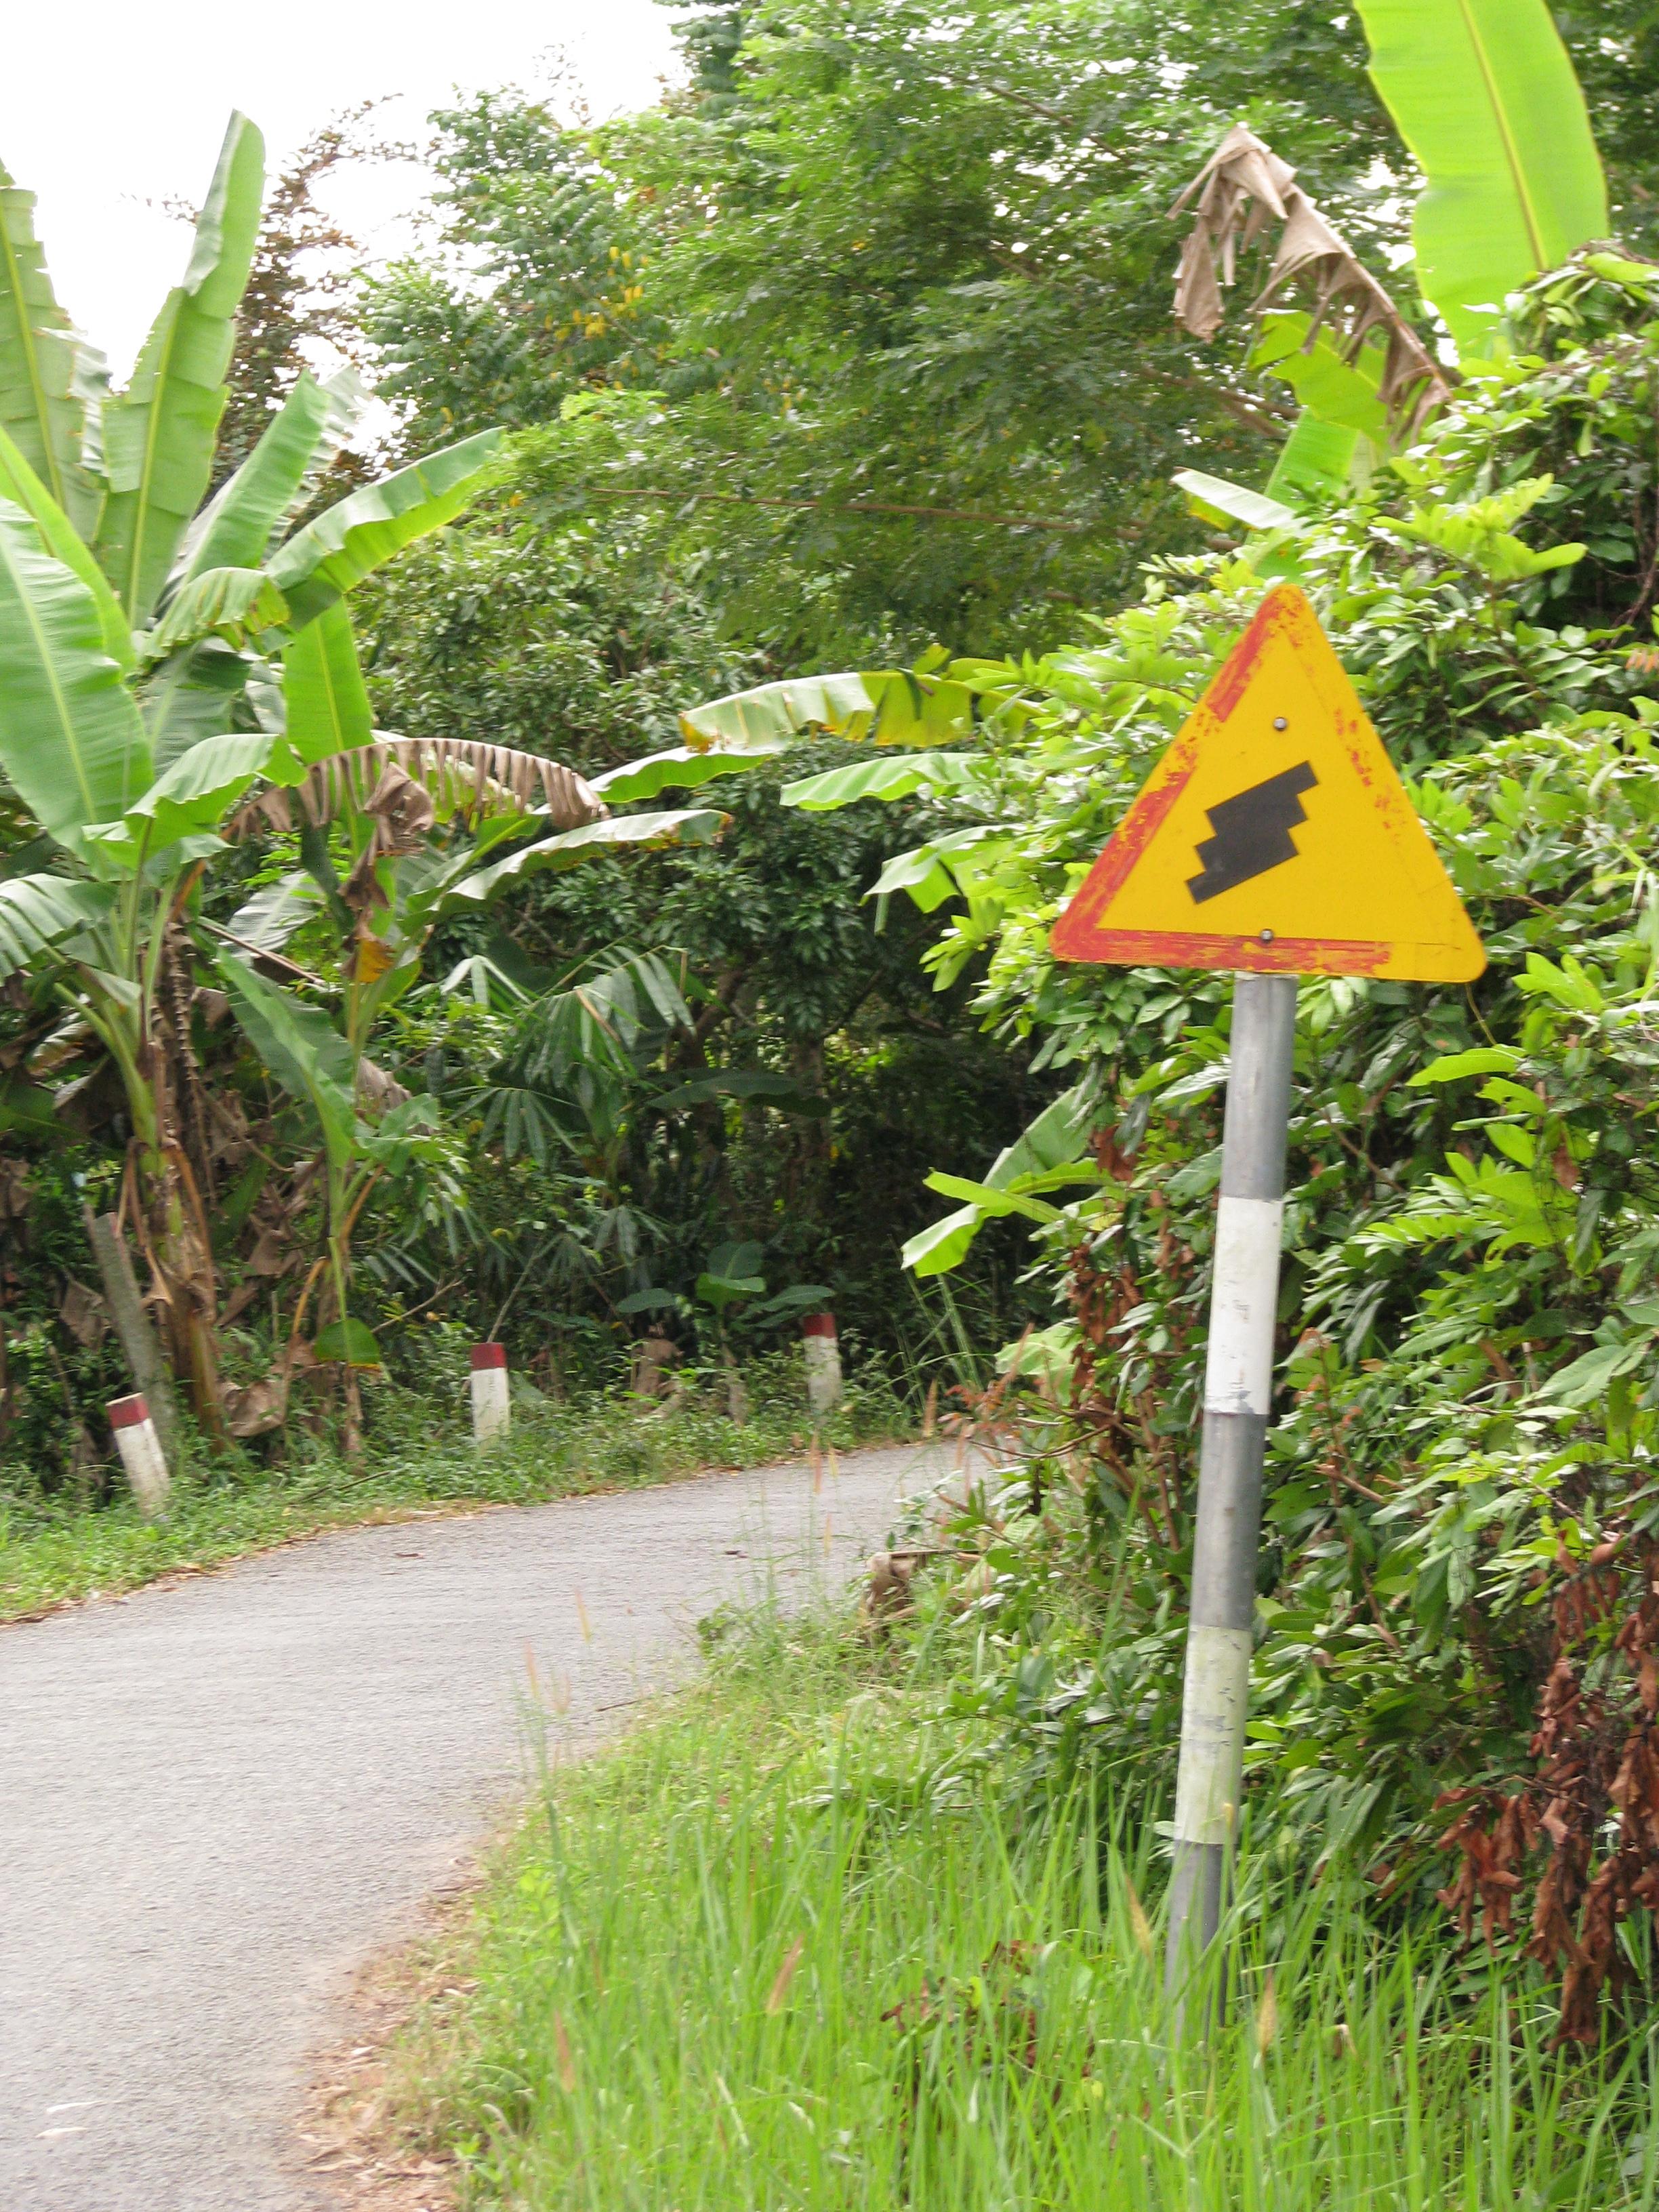 File:Vietnam 08 - 100 - biking An Binh Island (3184134415).jpg